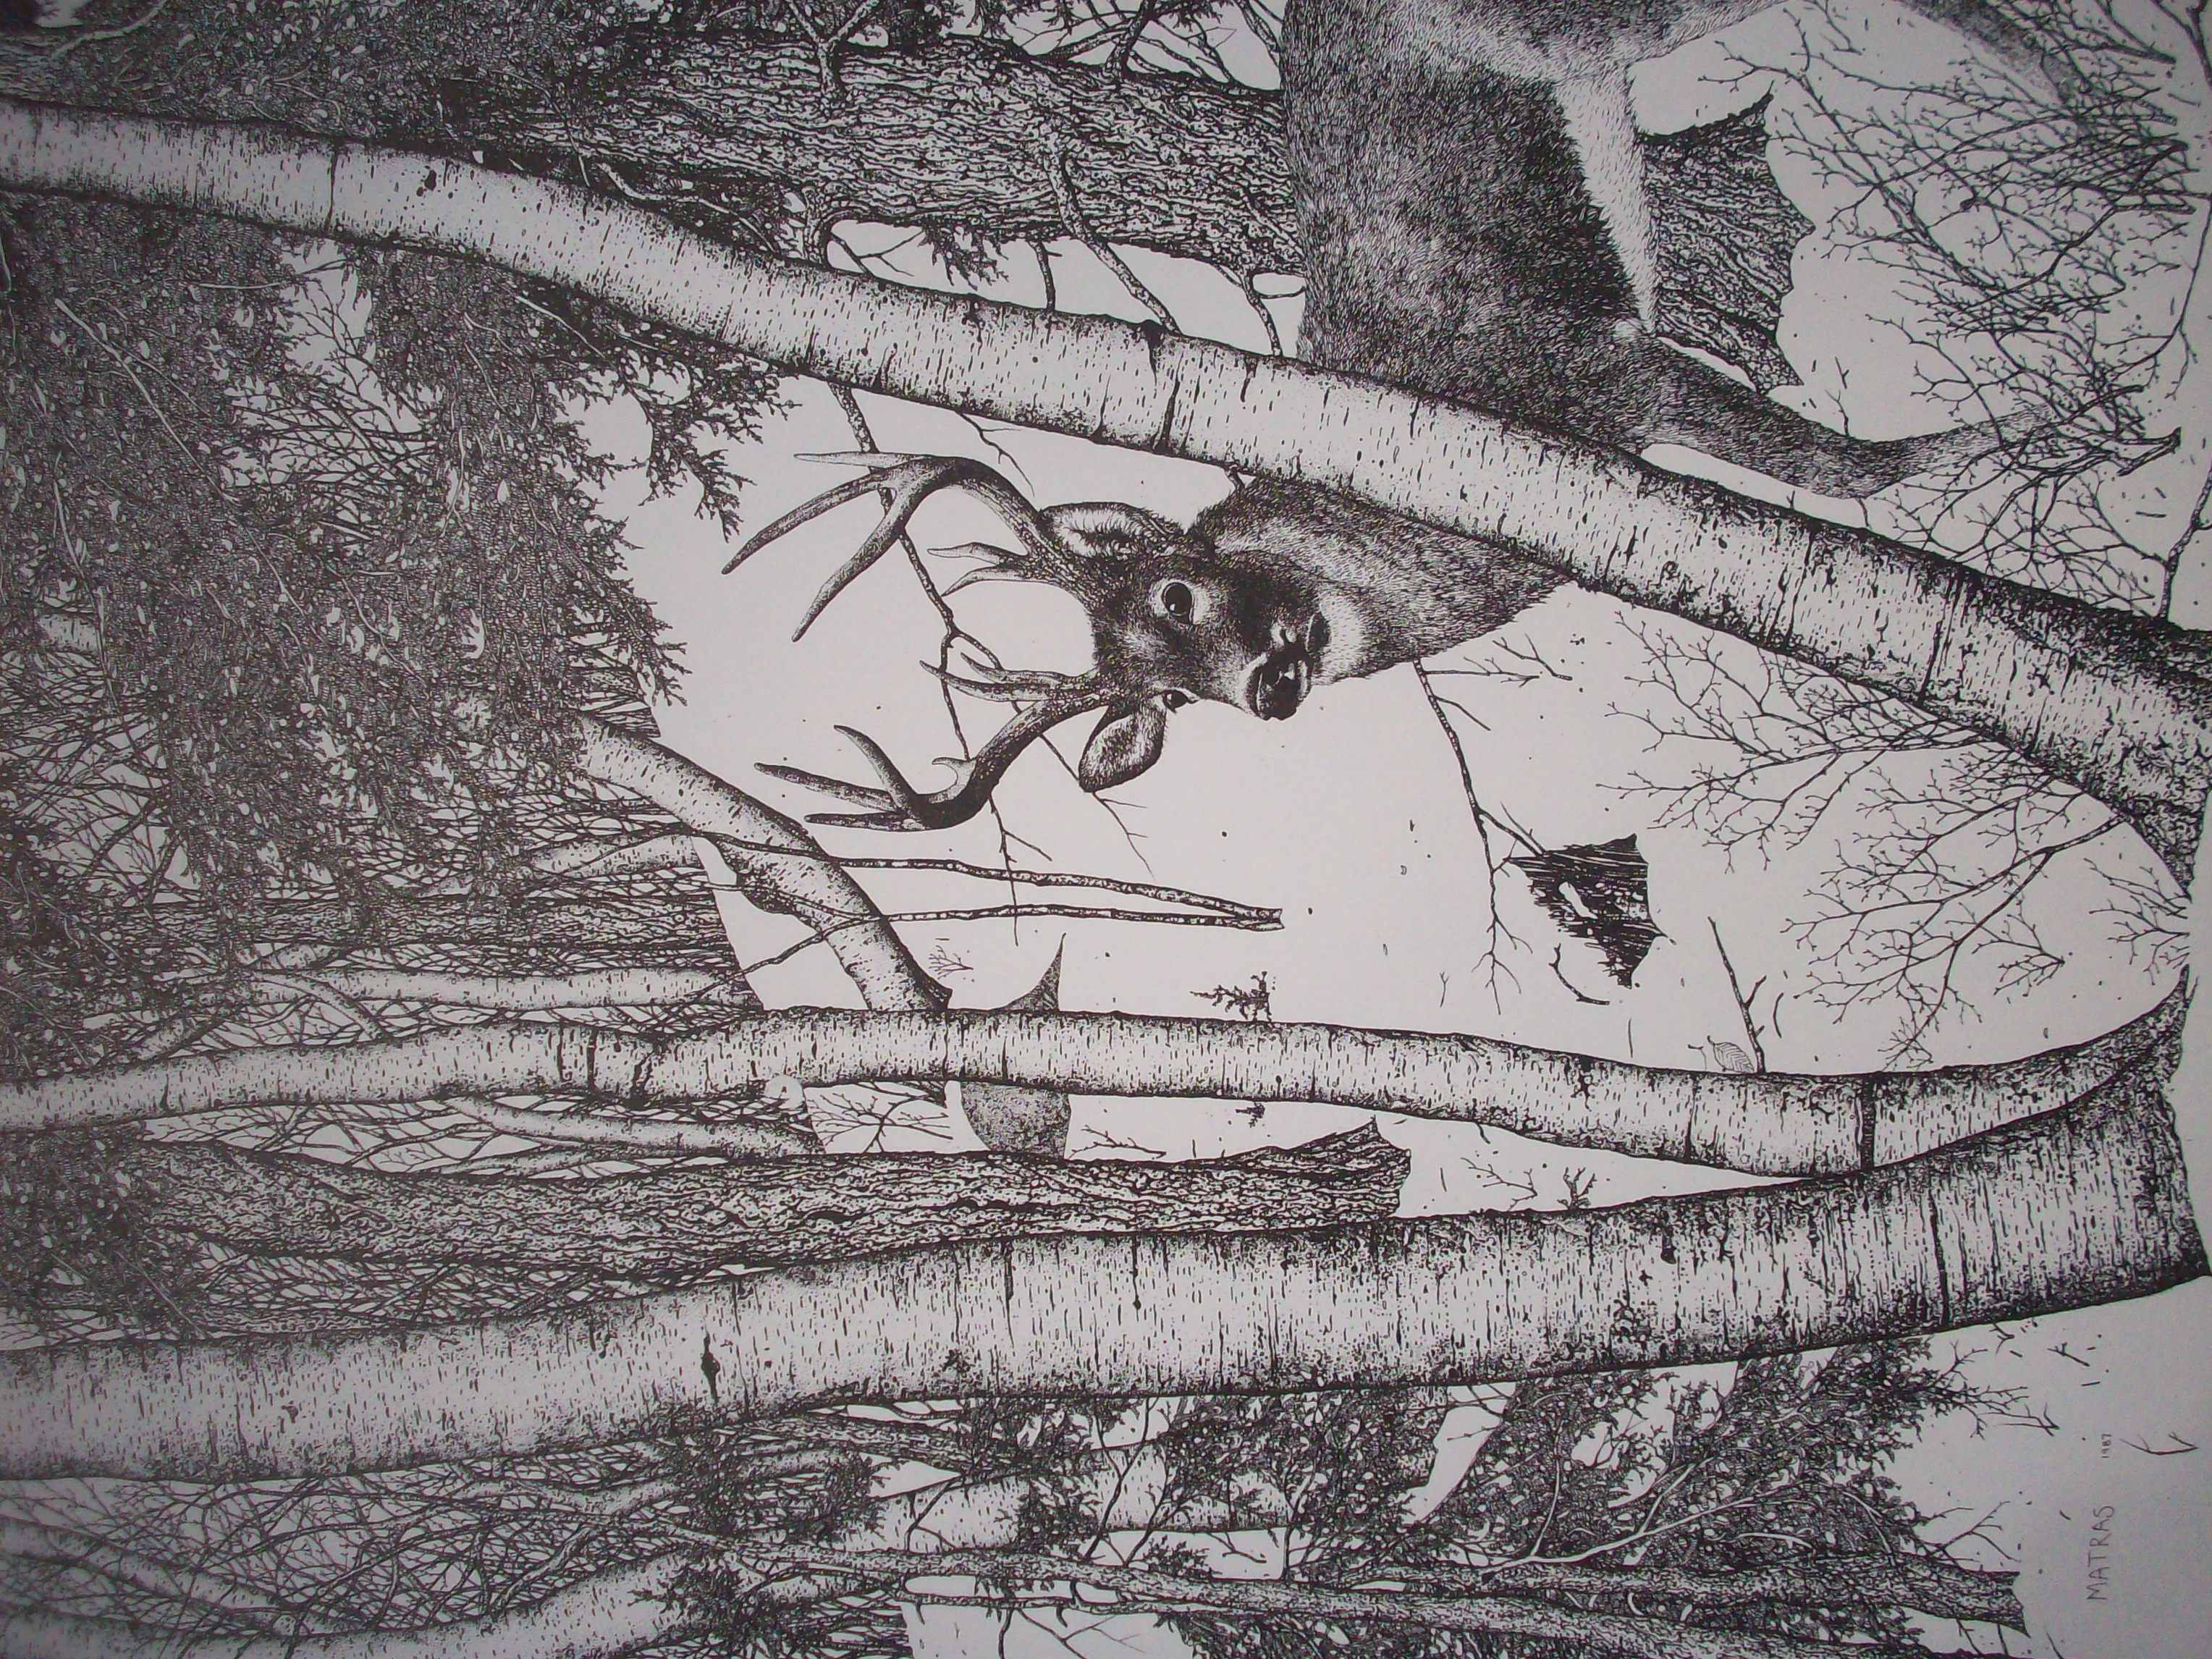 Ink Drawings by Gene Matras